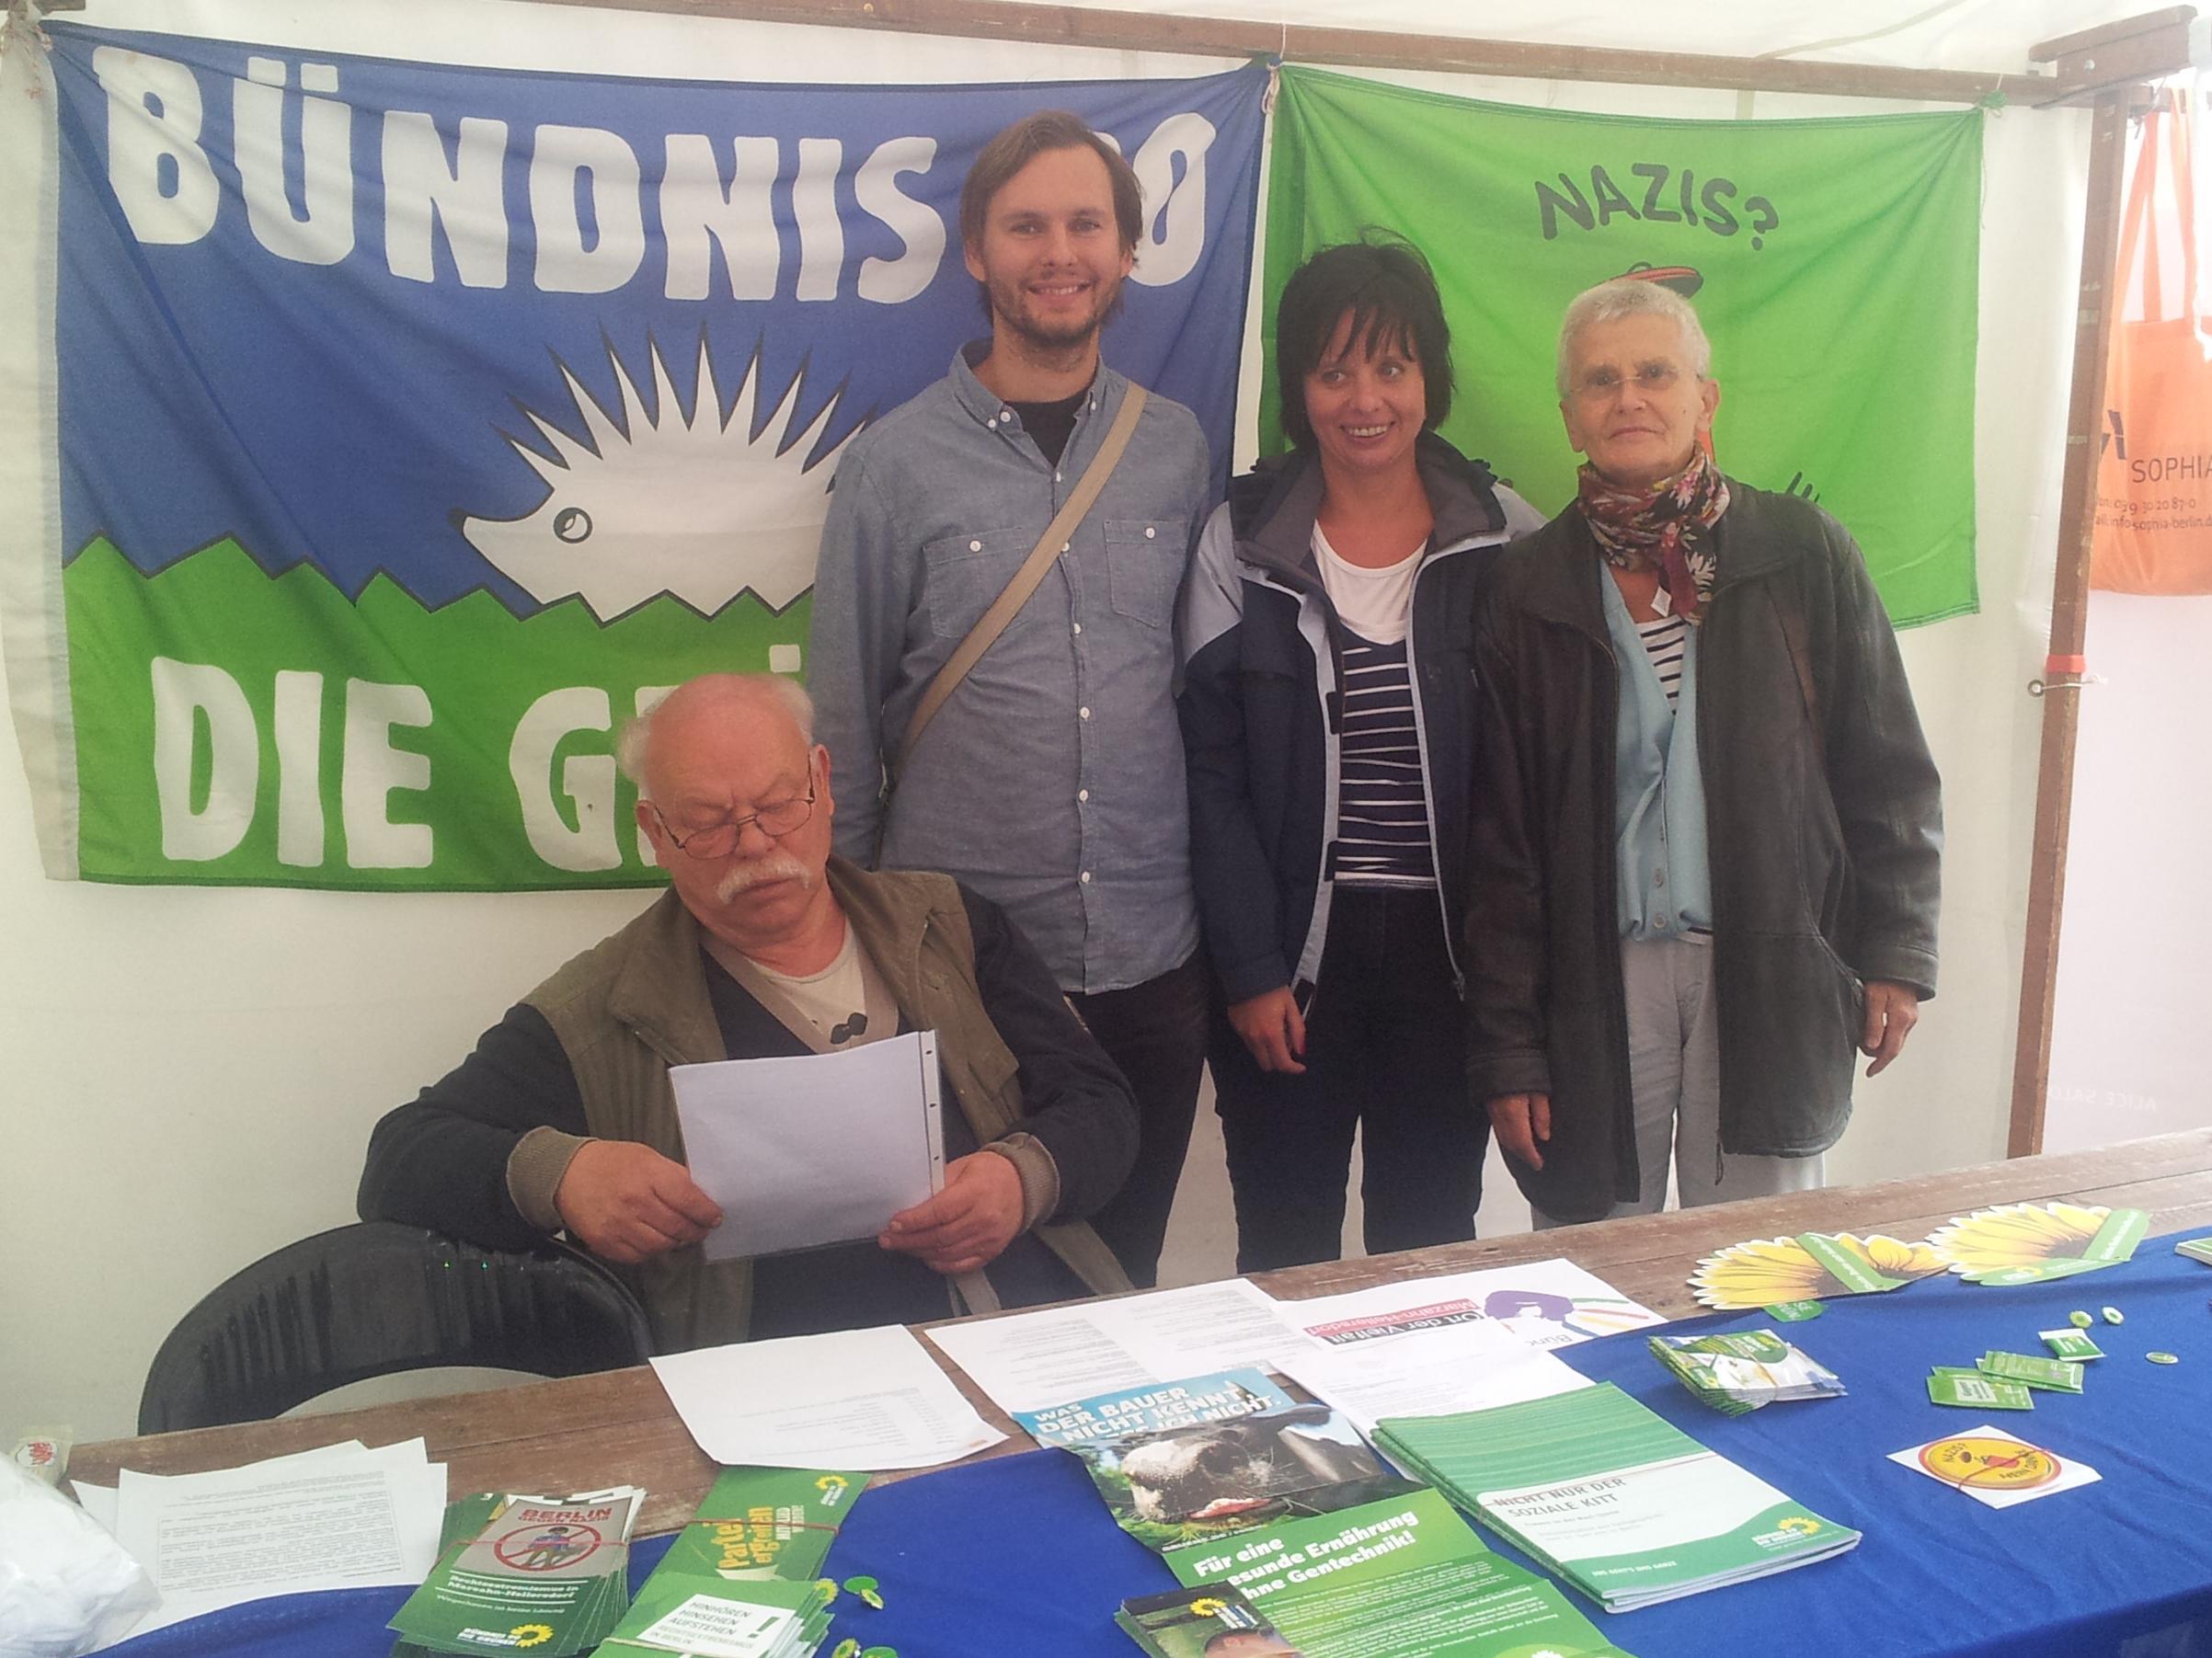 Bündnisgrüner Infostand bei Schöner Leben ohne Nazis 2015 in Hellersdorf